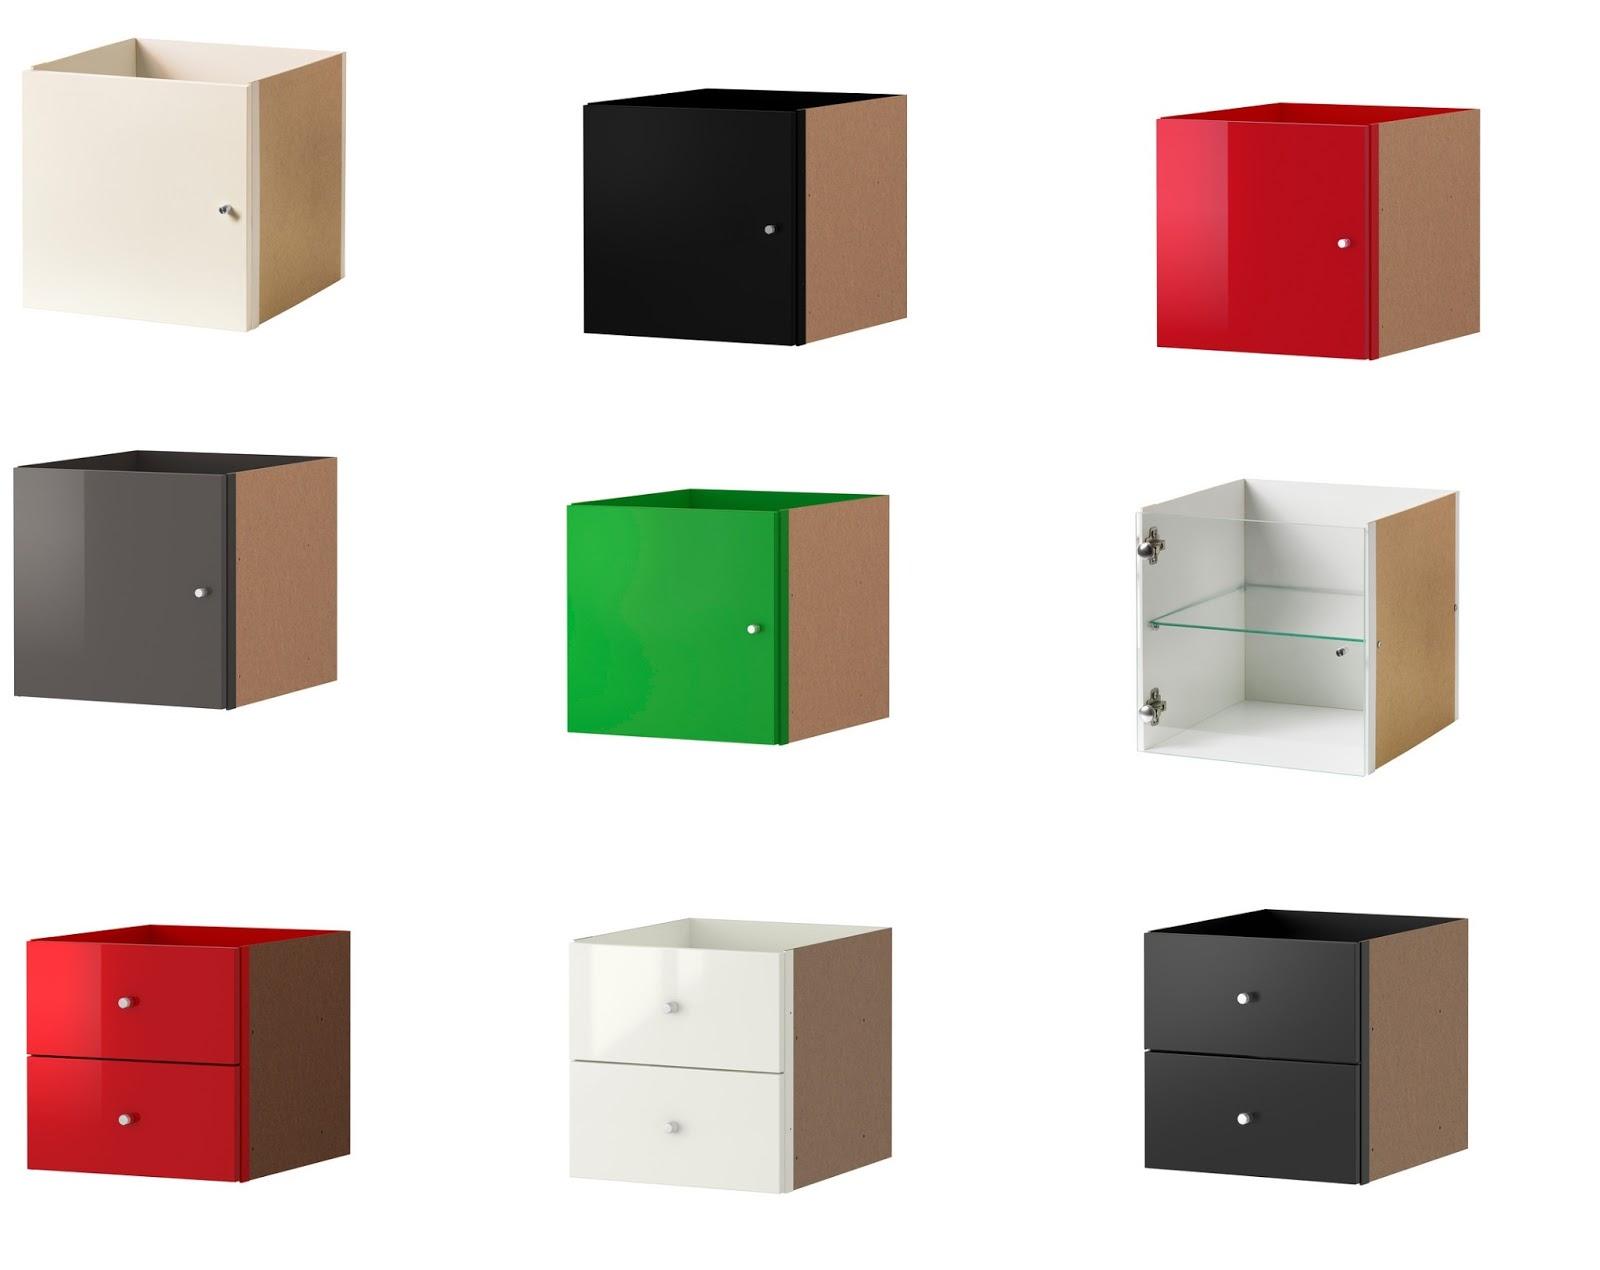 Ikea Puertas Estanteria Billy.Estanteria Billy Ikea Puertas Cristal Mueble Ikea Con Tela With